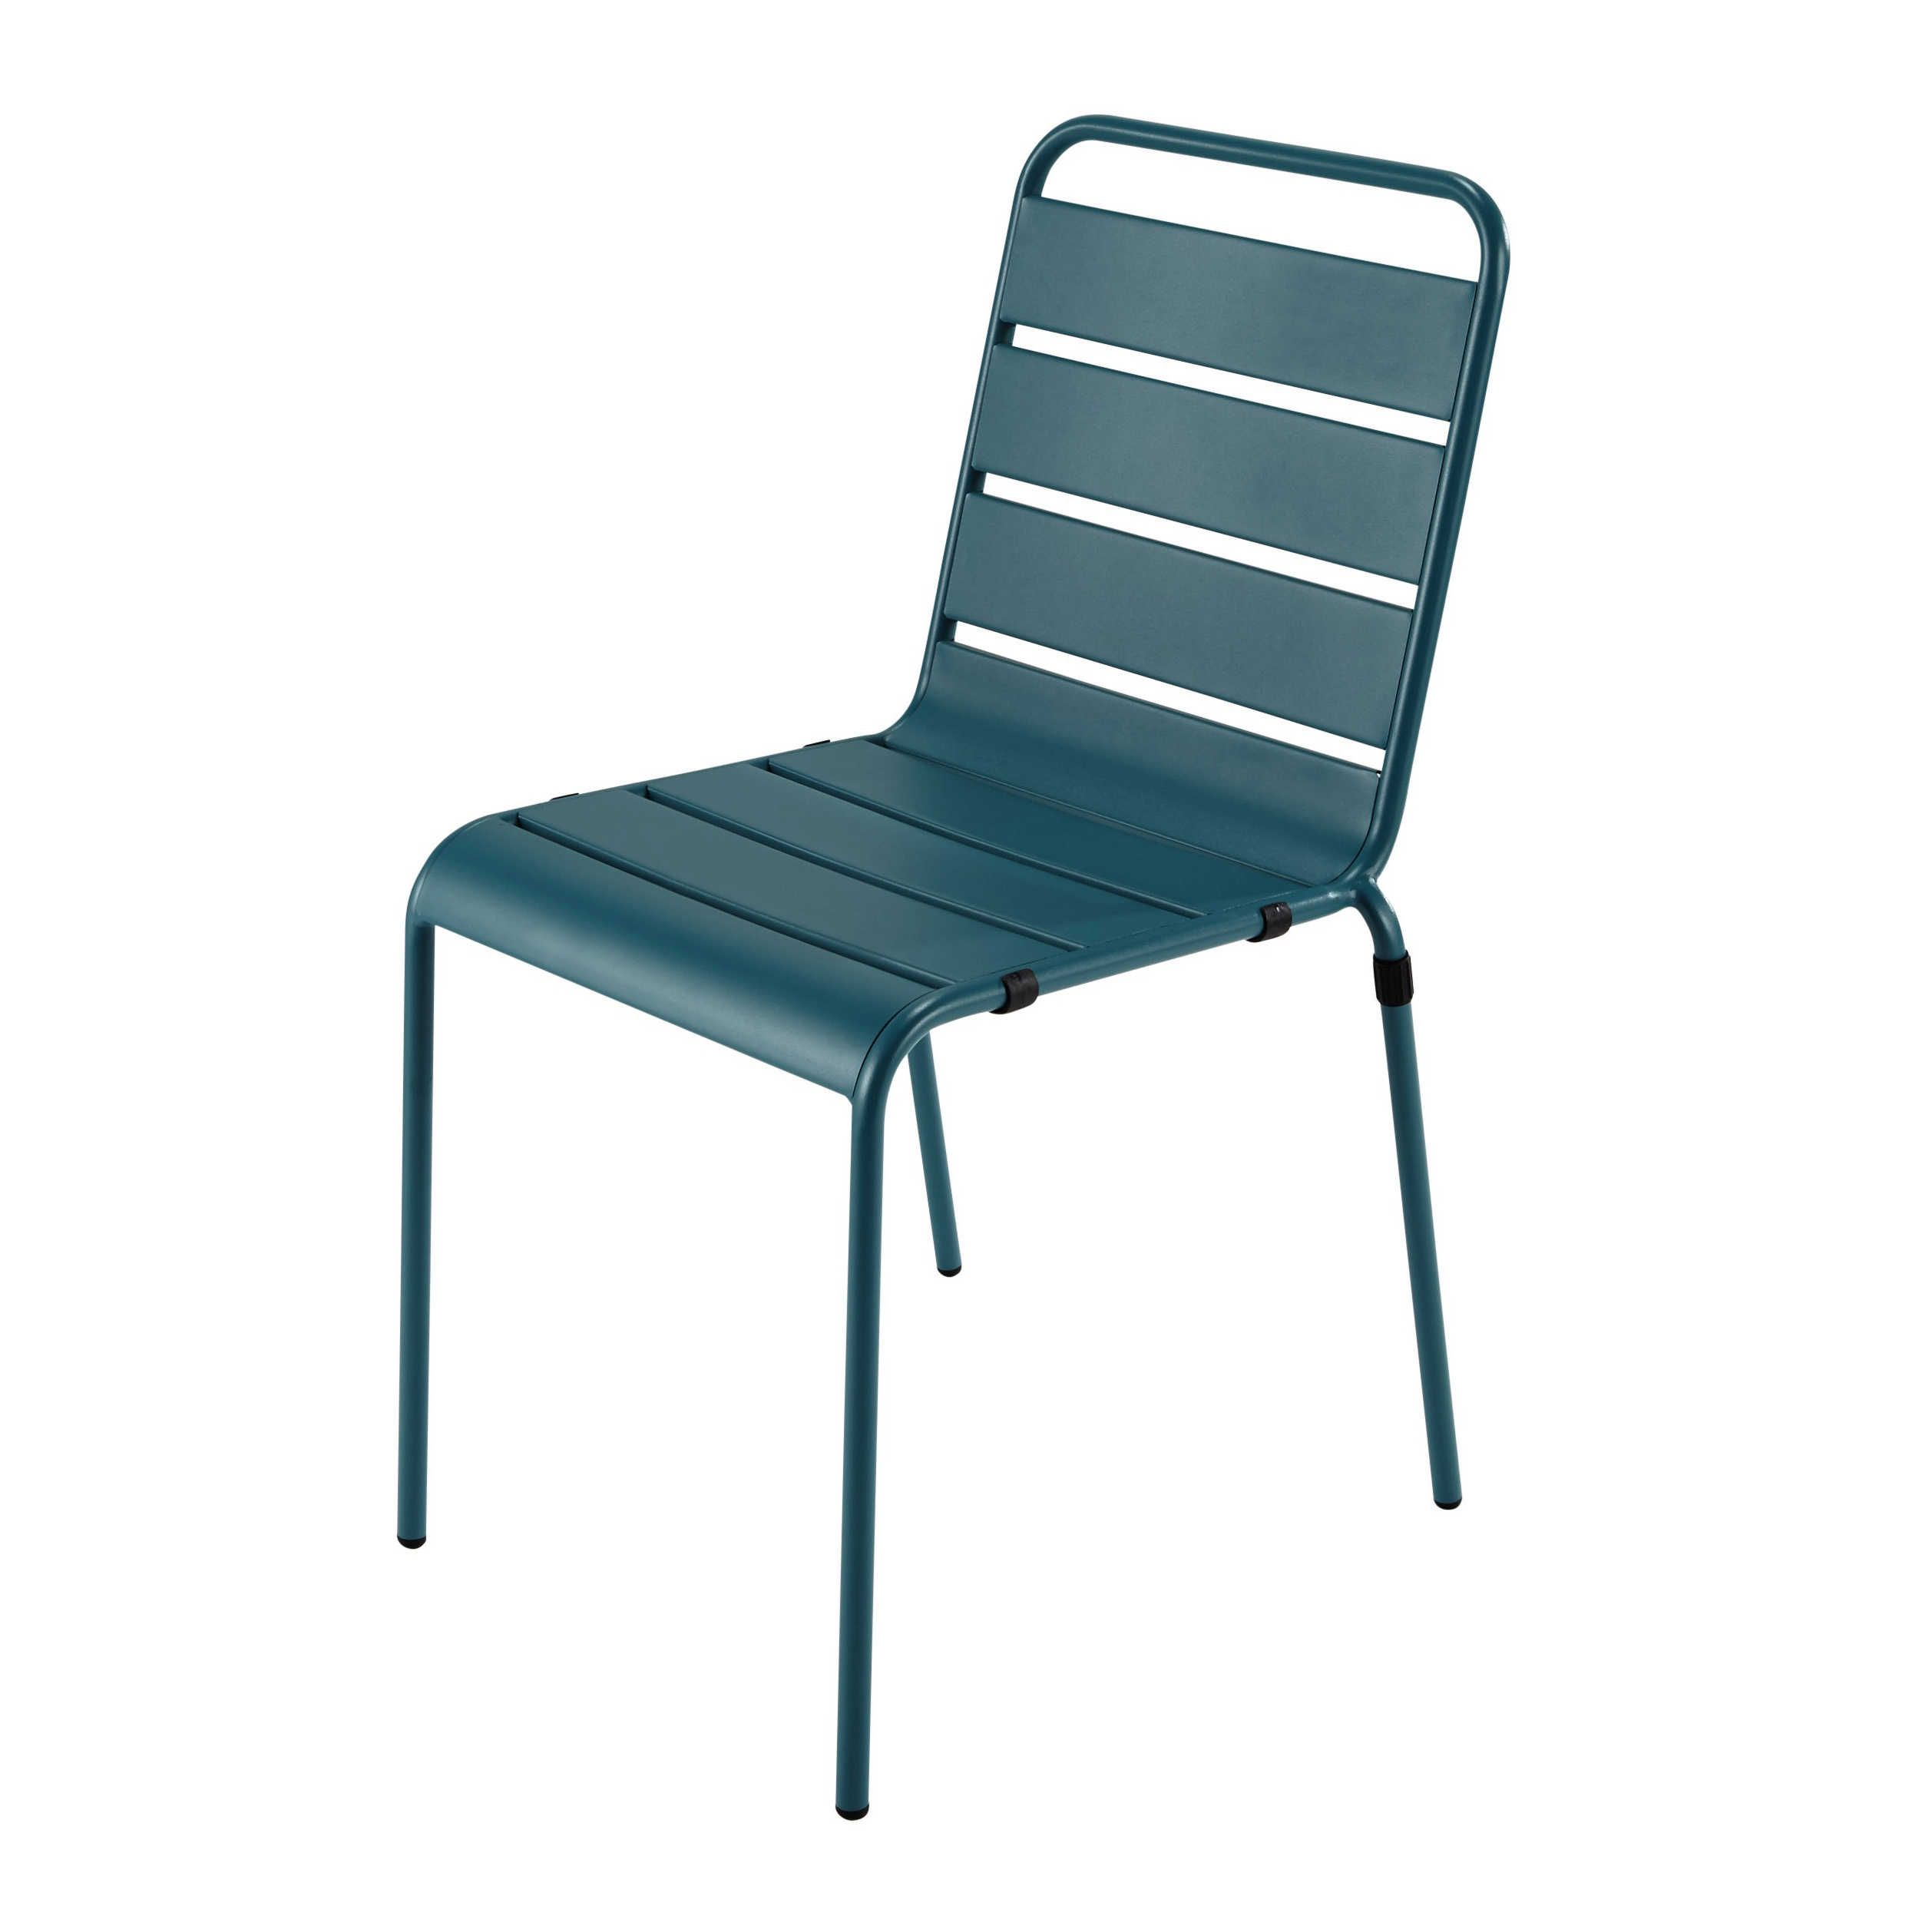 Chaise de jardin en métal bleu canard | Bleu canard | Chaise ...